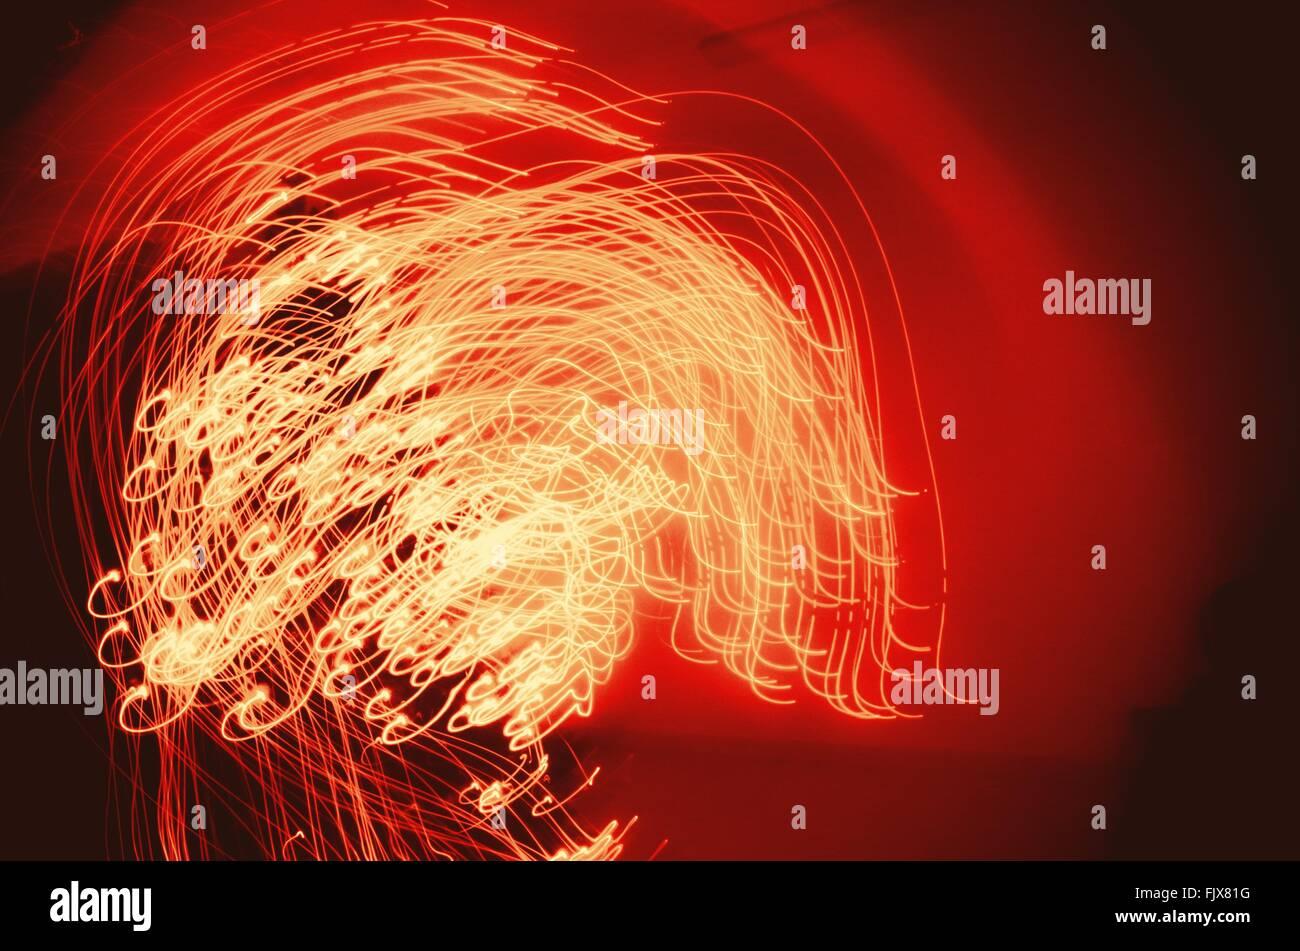 Immagine astratta di luce accesa percorsi durante il periodo di Natale Immagini Stock